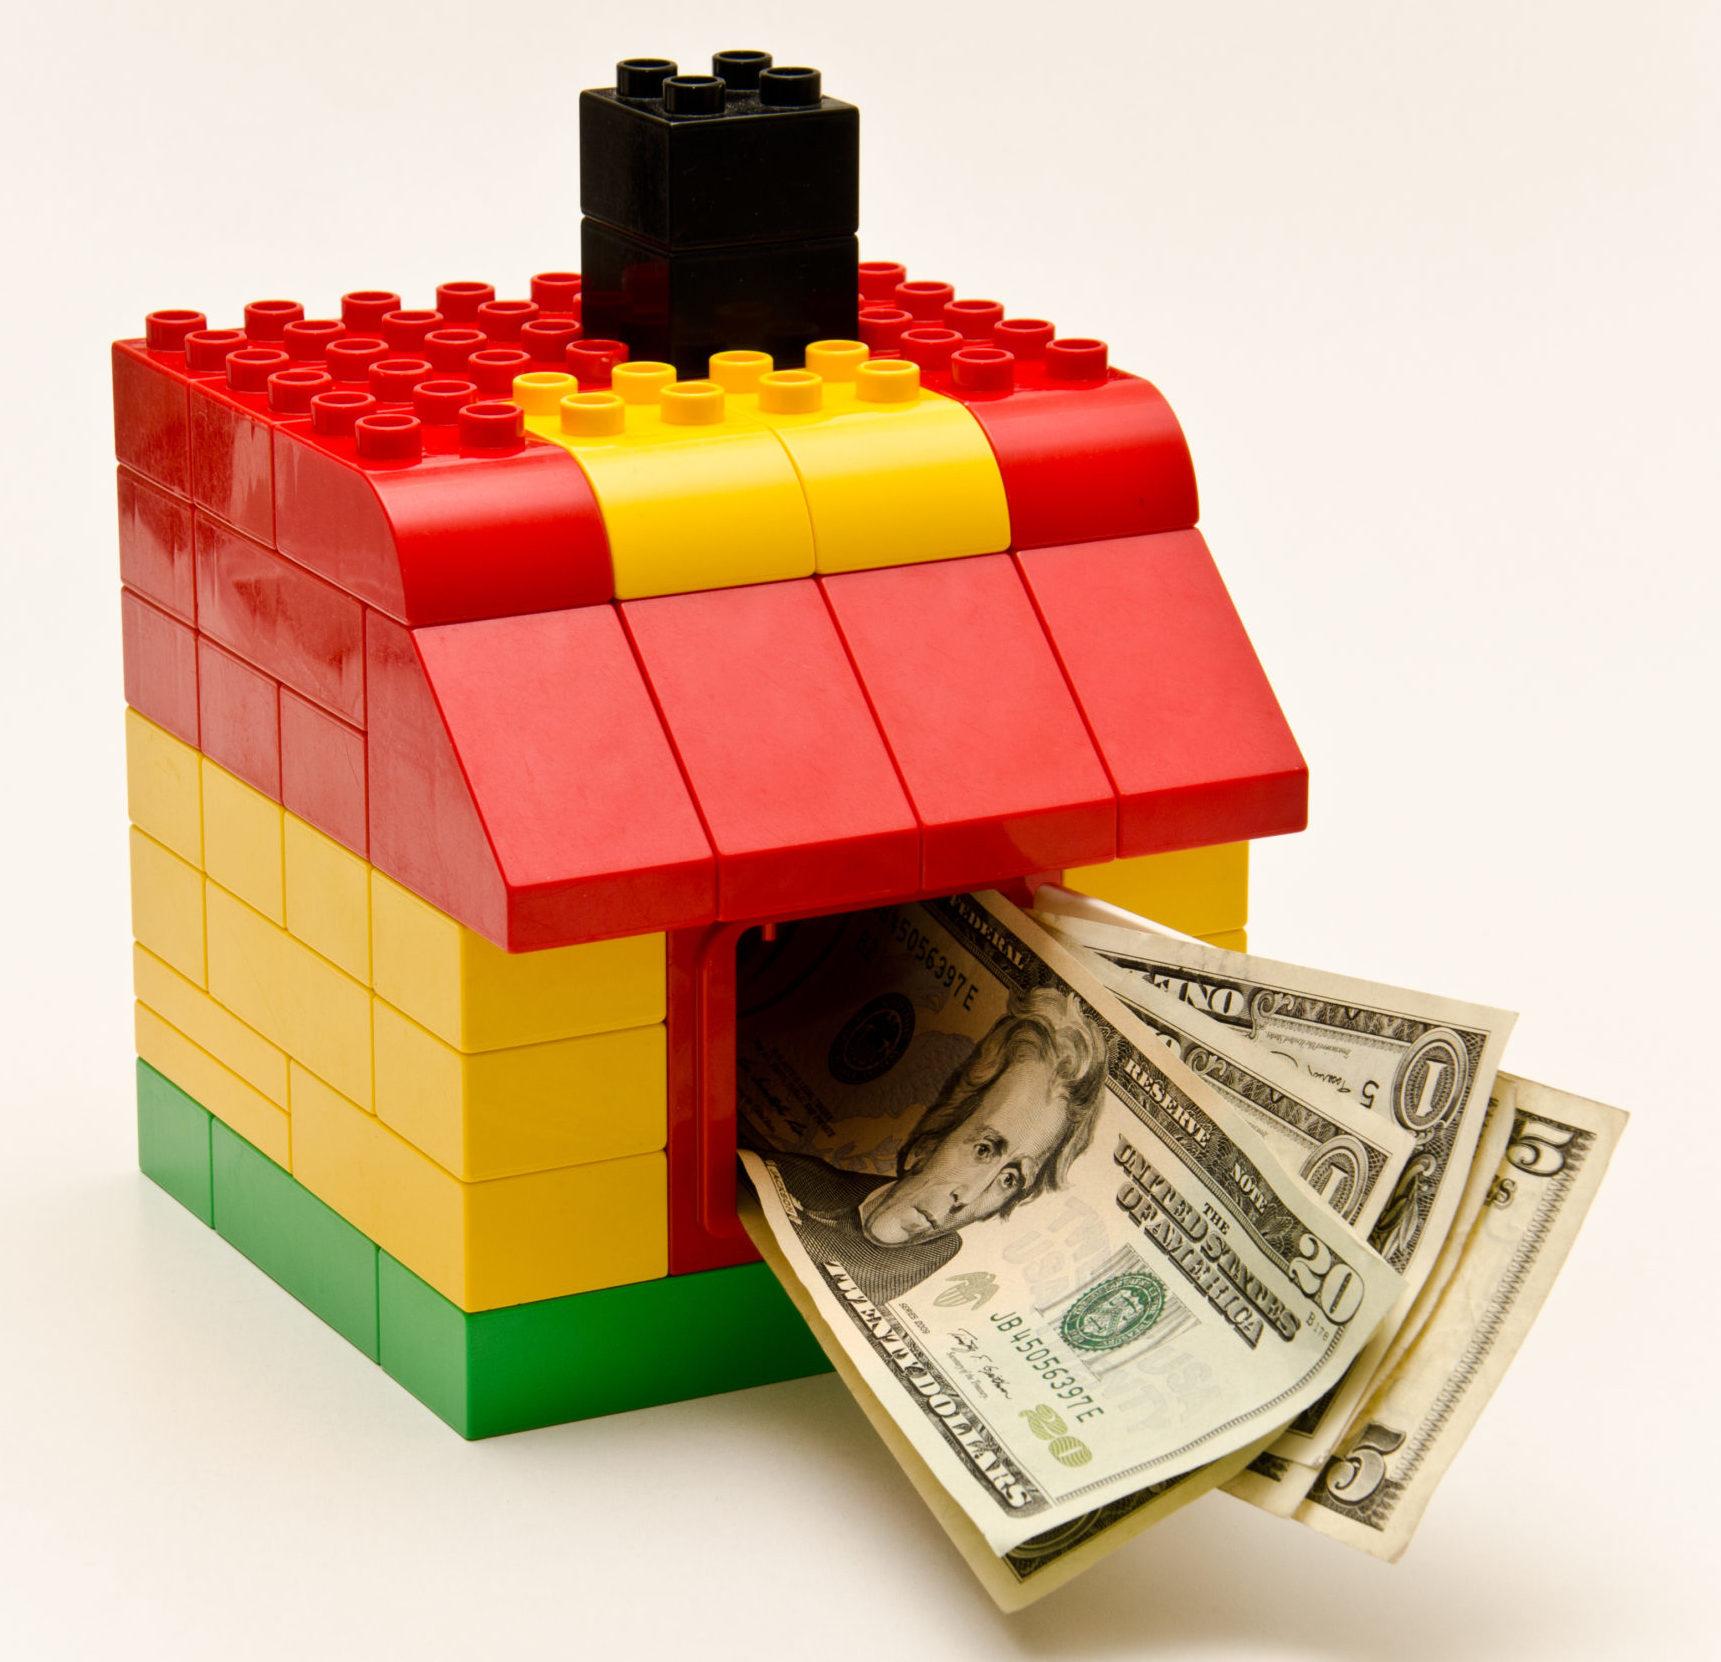 ein kleines buntes Legohaus, wo Dollarscheine drinsteckend rausschauen aus dem Fenster